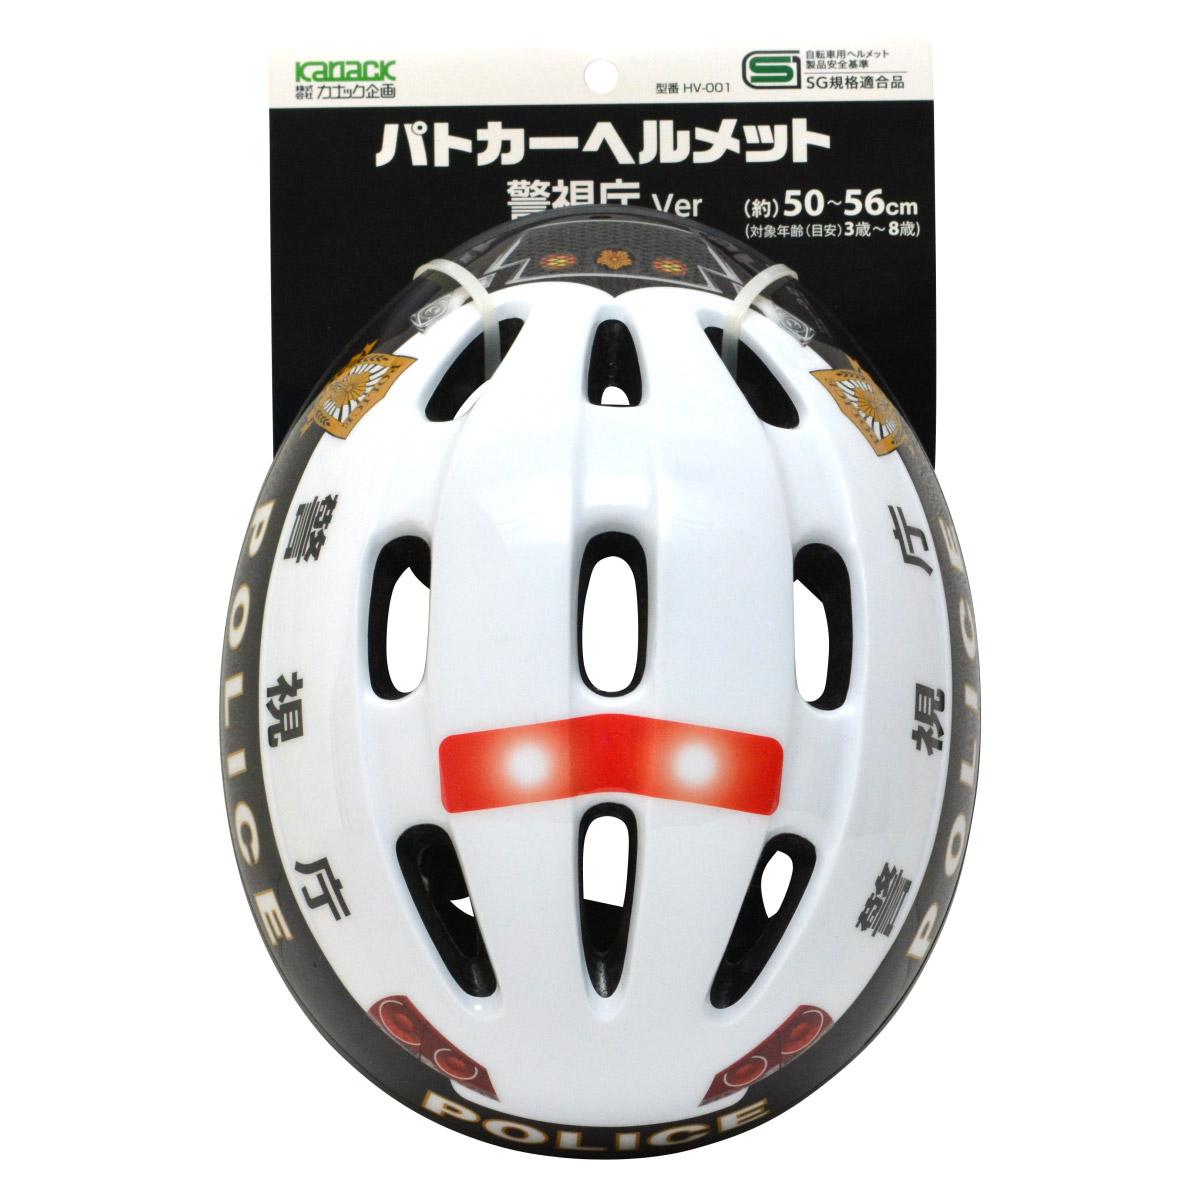 パトカーヘルメット 警視庁Ver